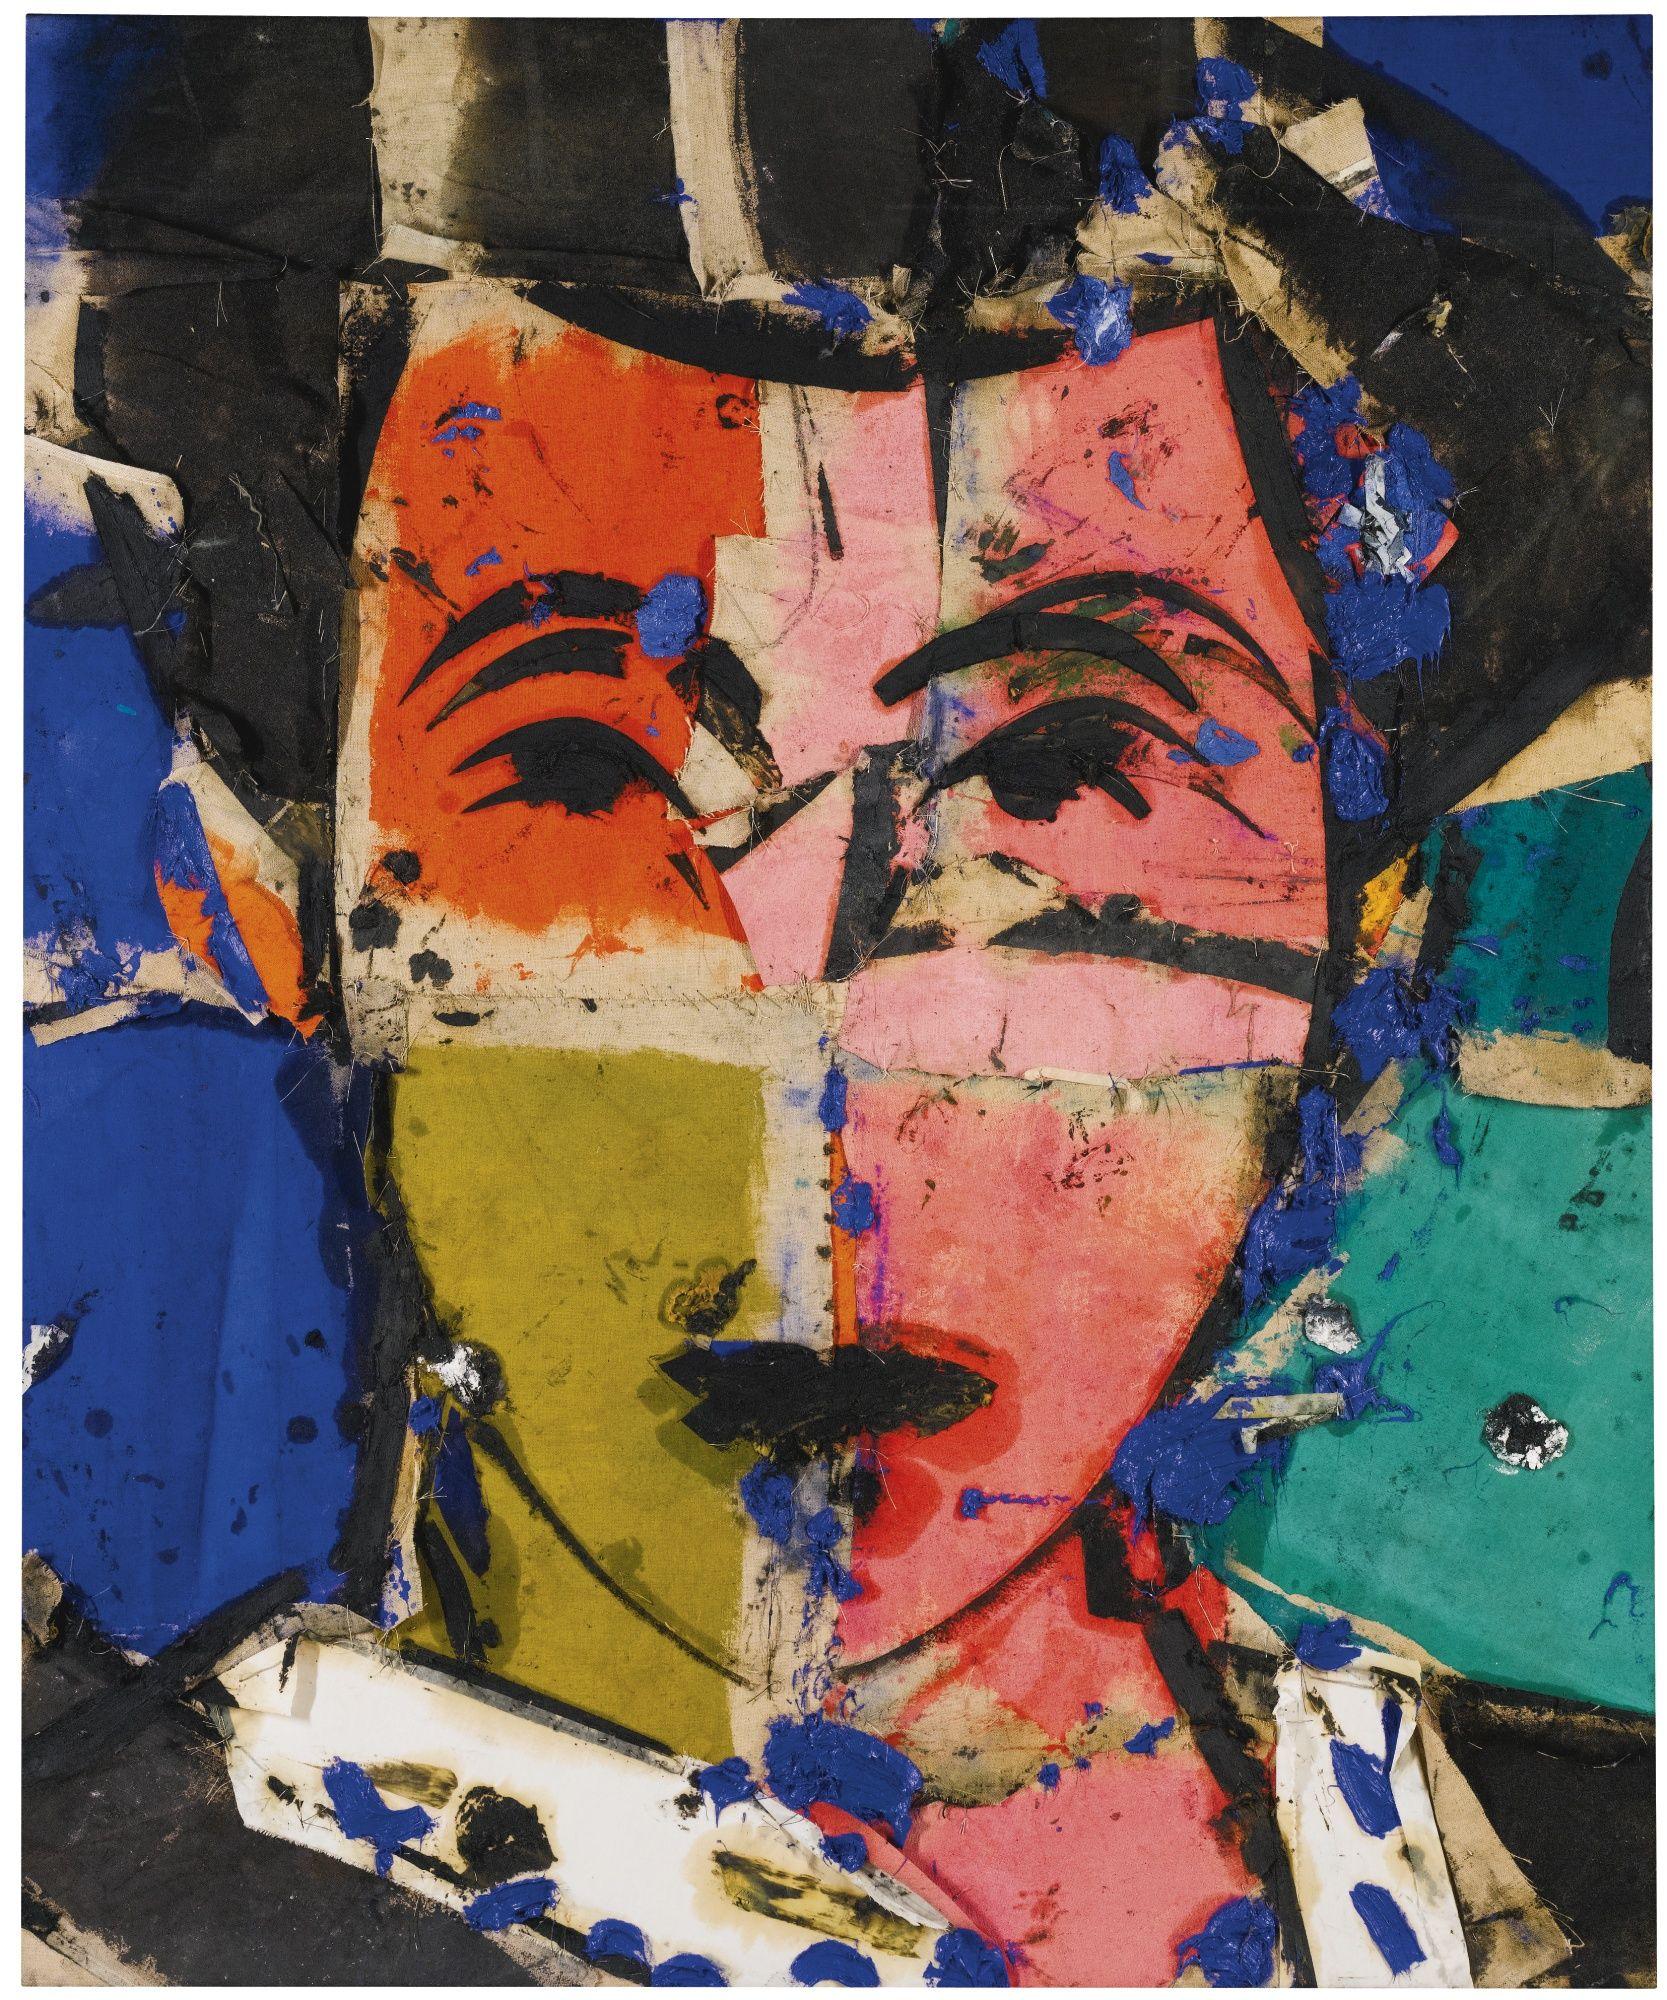 Manolo Valdés 1000 images about manolo valdes on Pinterest Auction Pop art and